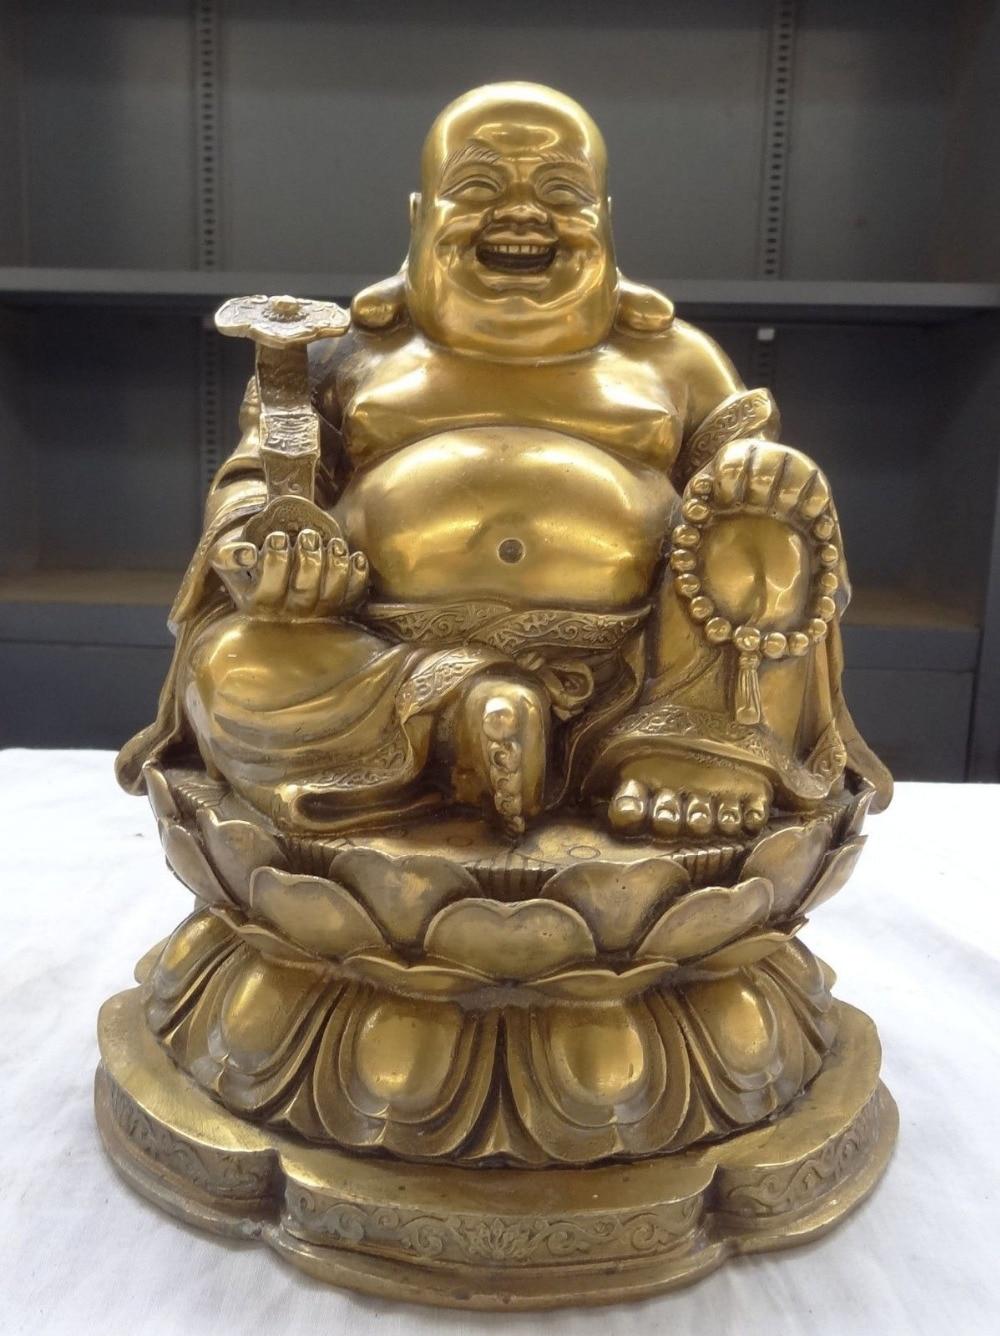 11 Chinese Buddhism Brass Lotus RuYi Happy Laughing Maitreya Buddha Statue11 Chinese Buddhism Brass Lotus RuYi Happy Laughing Maitreya Buddha Statue